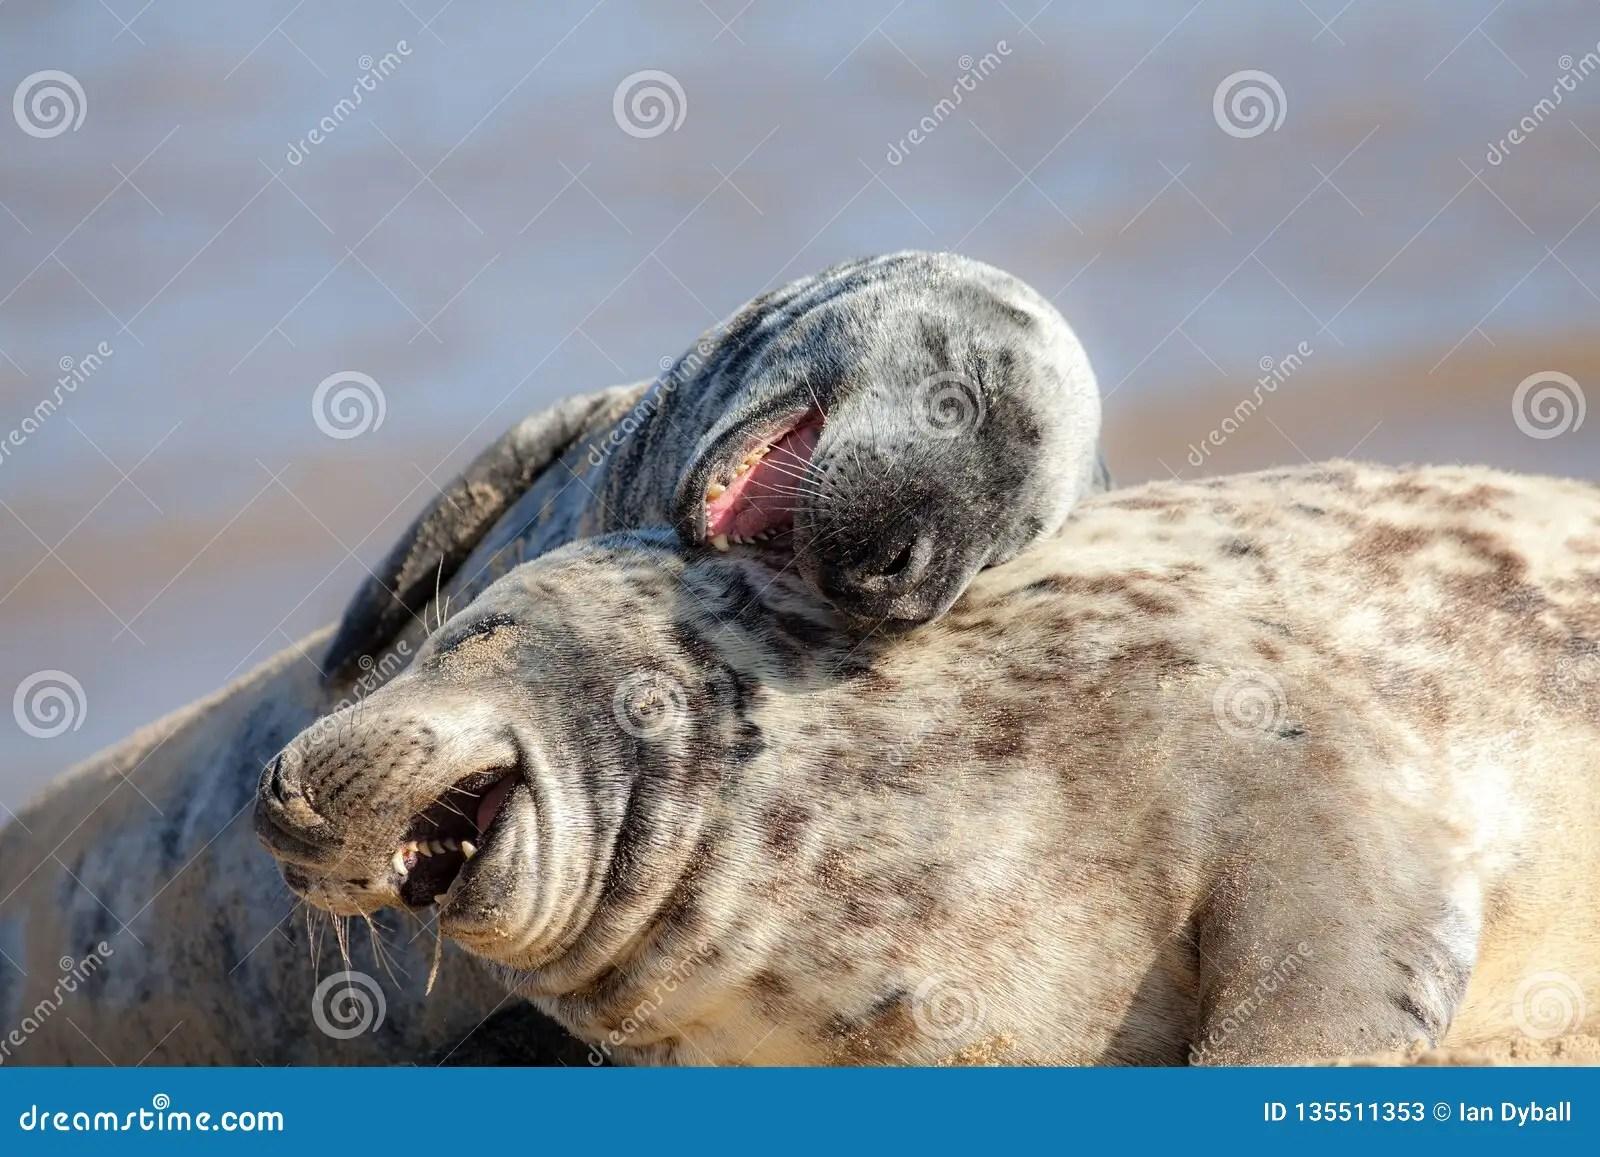 Laughing Out Loud Funny Animal Meme Image Animals Having Fun